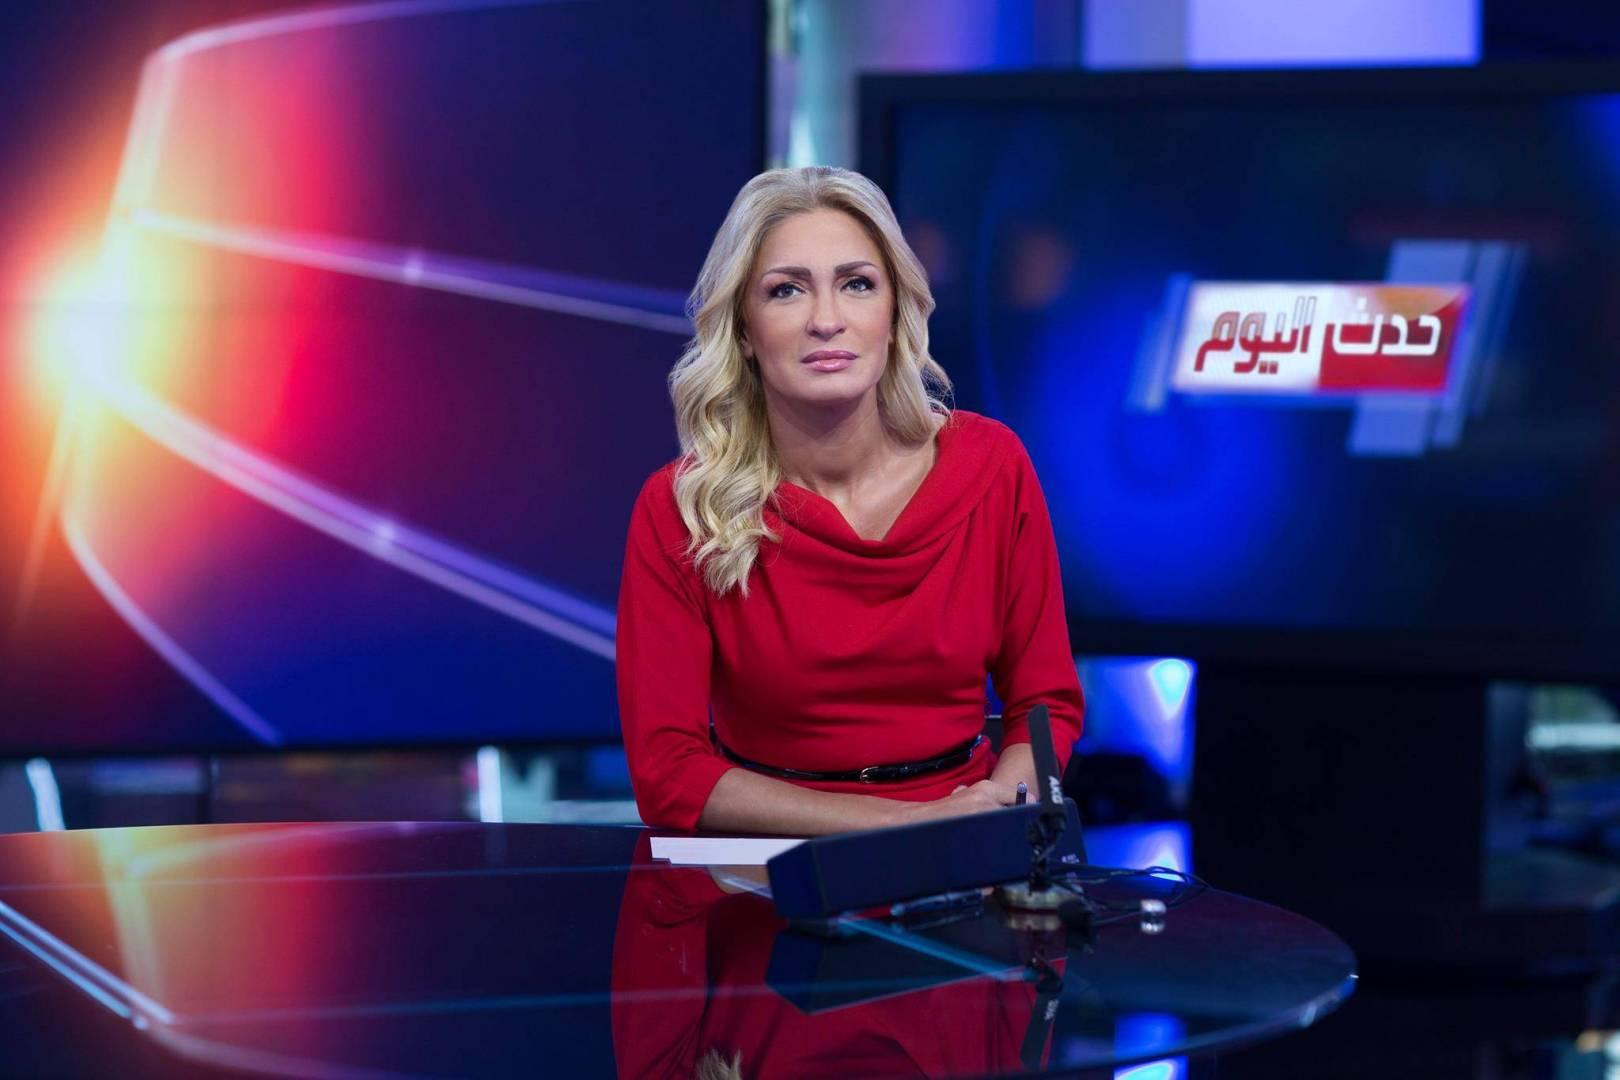 وفاة الإعلامية نجوى قاسم اثر نوبة قلبية